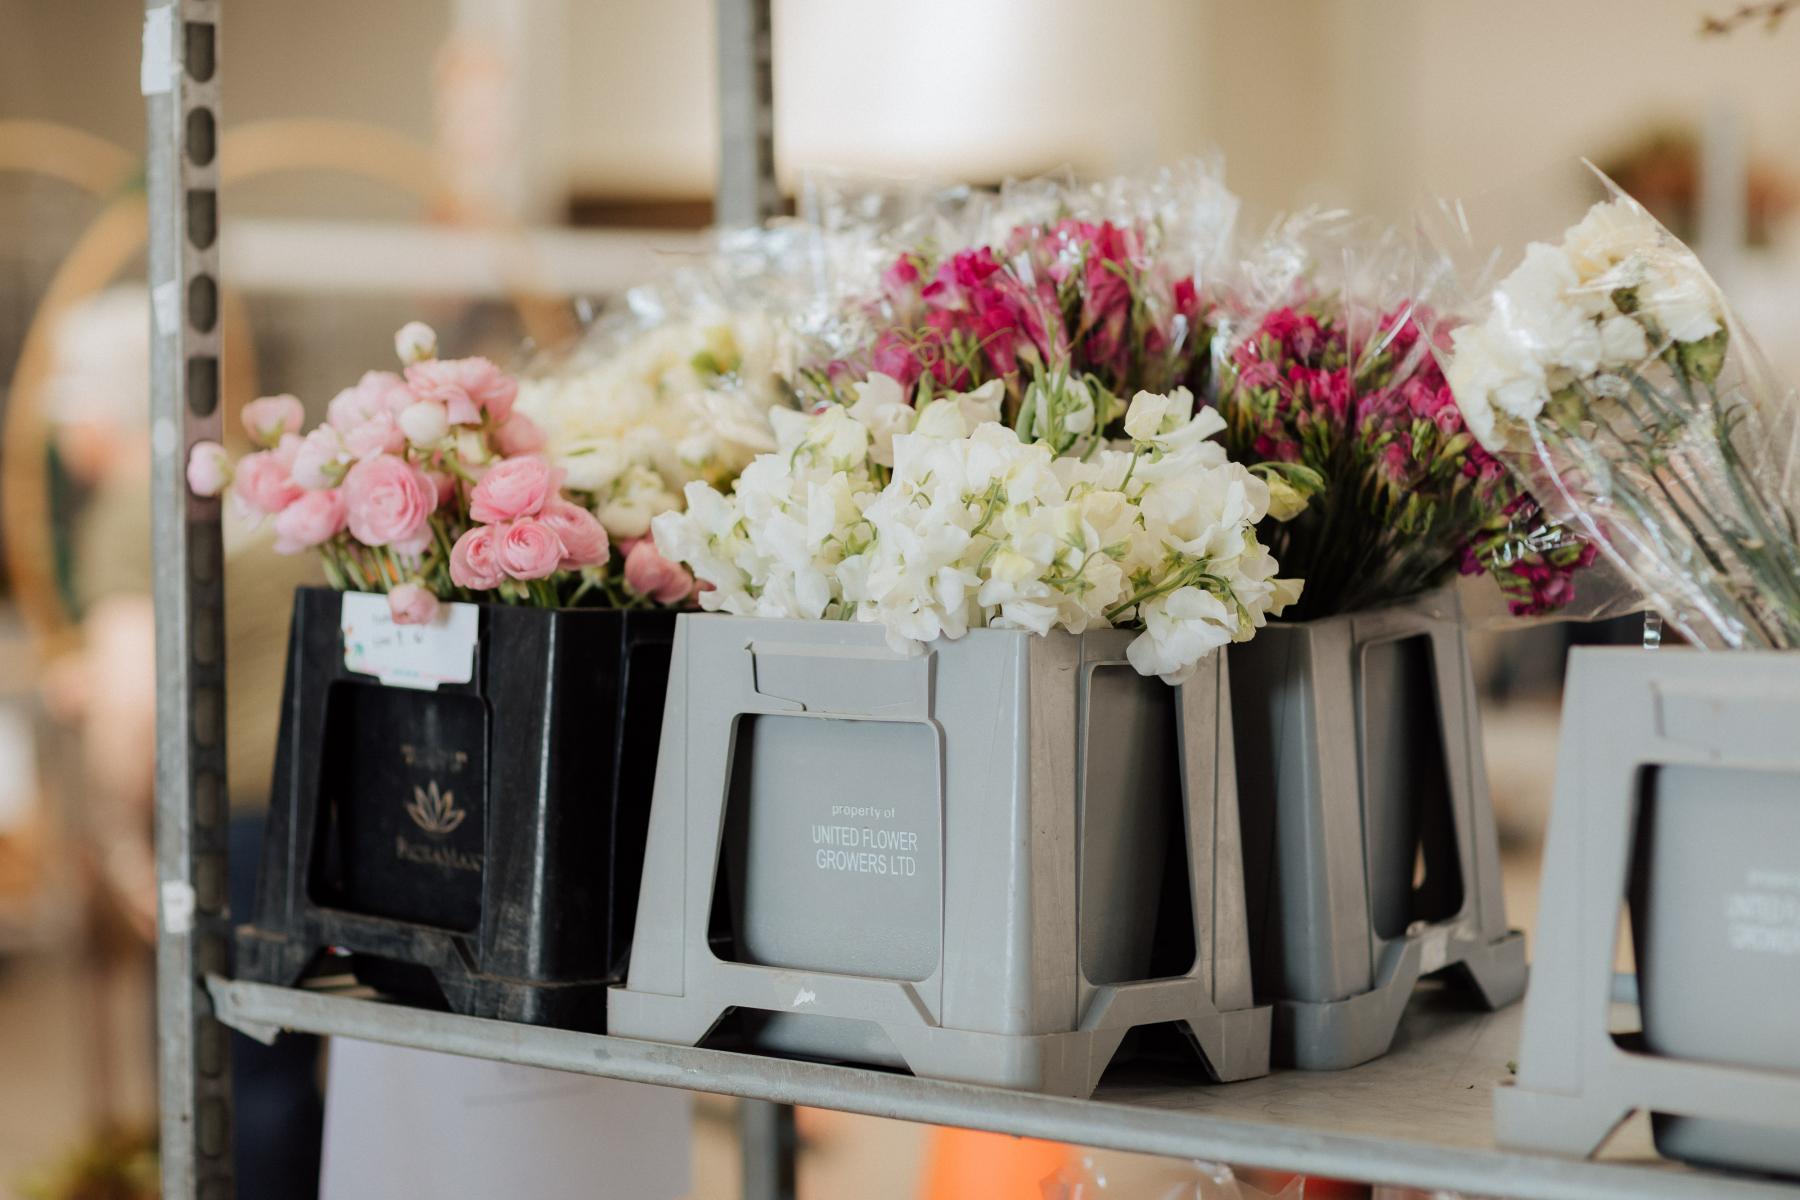 NZ_Flowers_Week_20196-large